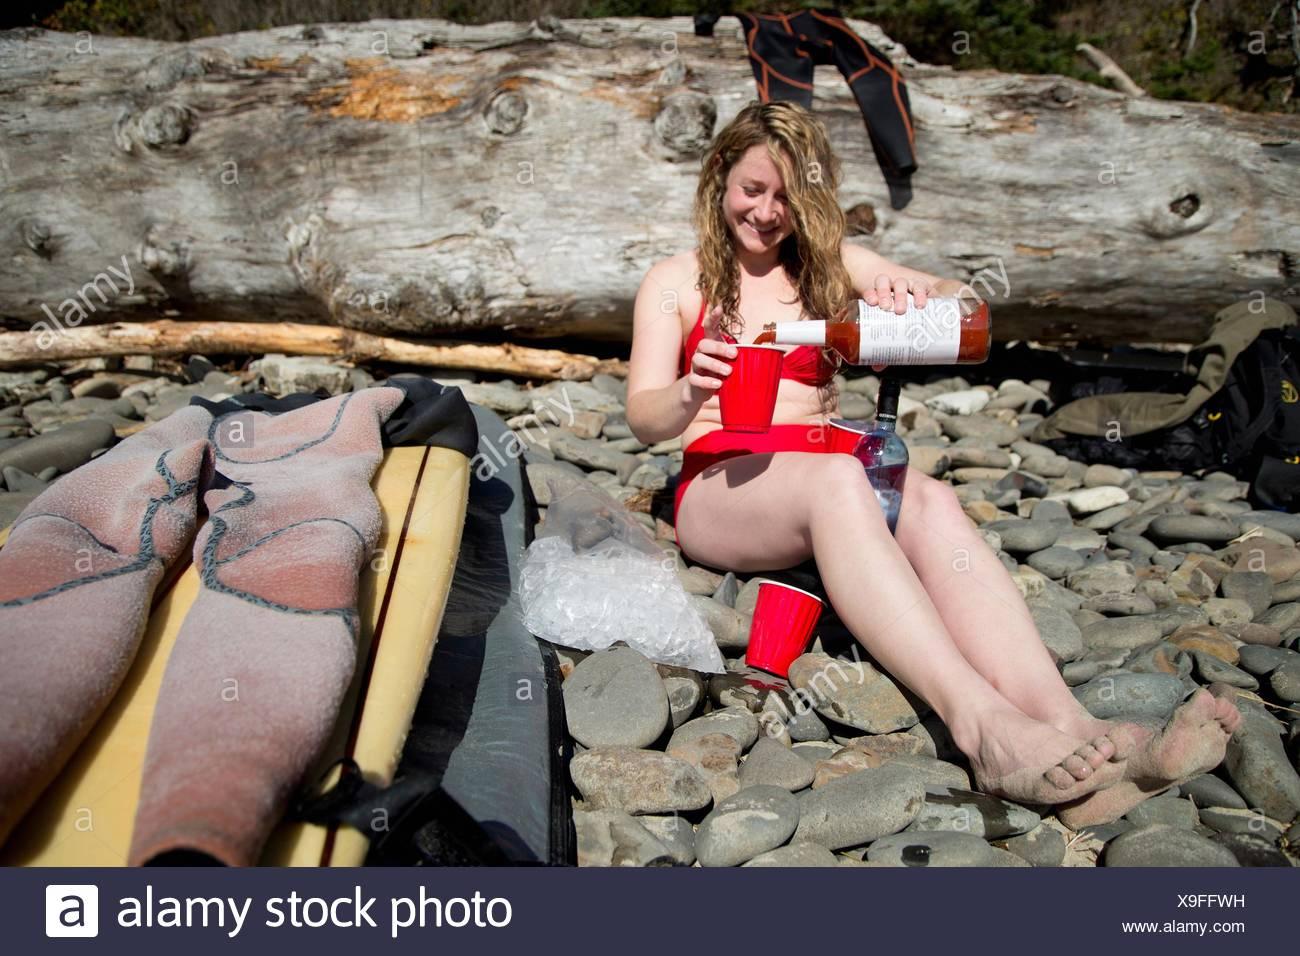 Mujer joven sentado en la playa rocosa, verter la bebida, Short Sands Beach, Oregón, EE.UU. Imagen De Stock